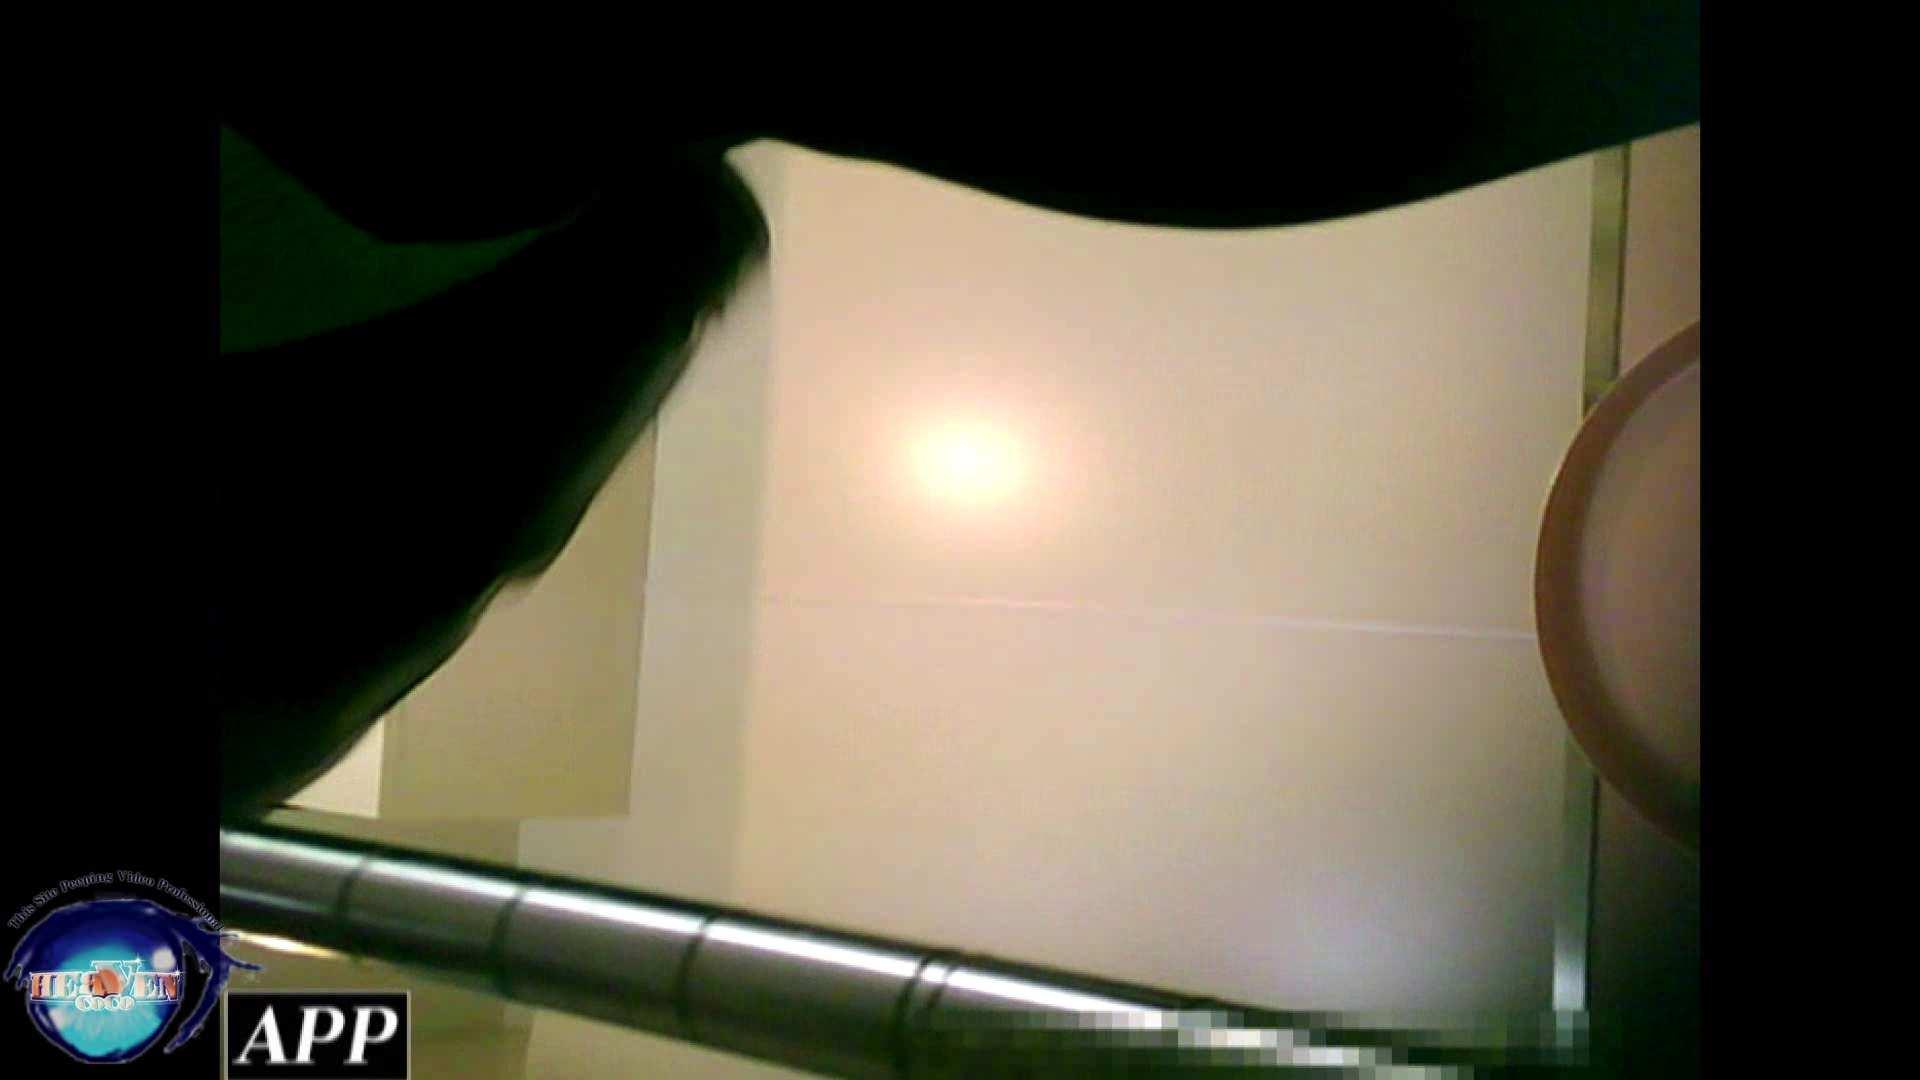 三つ目で盗撮 vol.09 モロだしオマンコ 盗み撮り動画キャプチャ 93pic 33